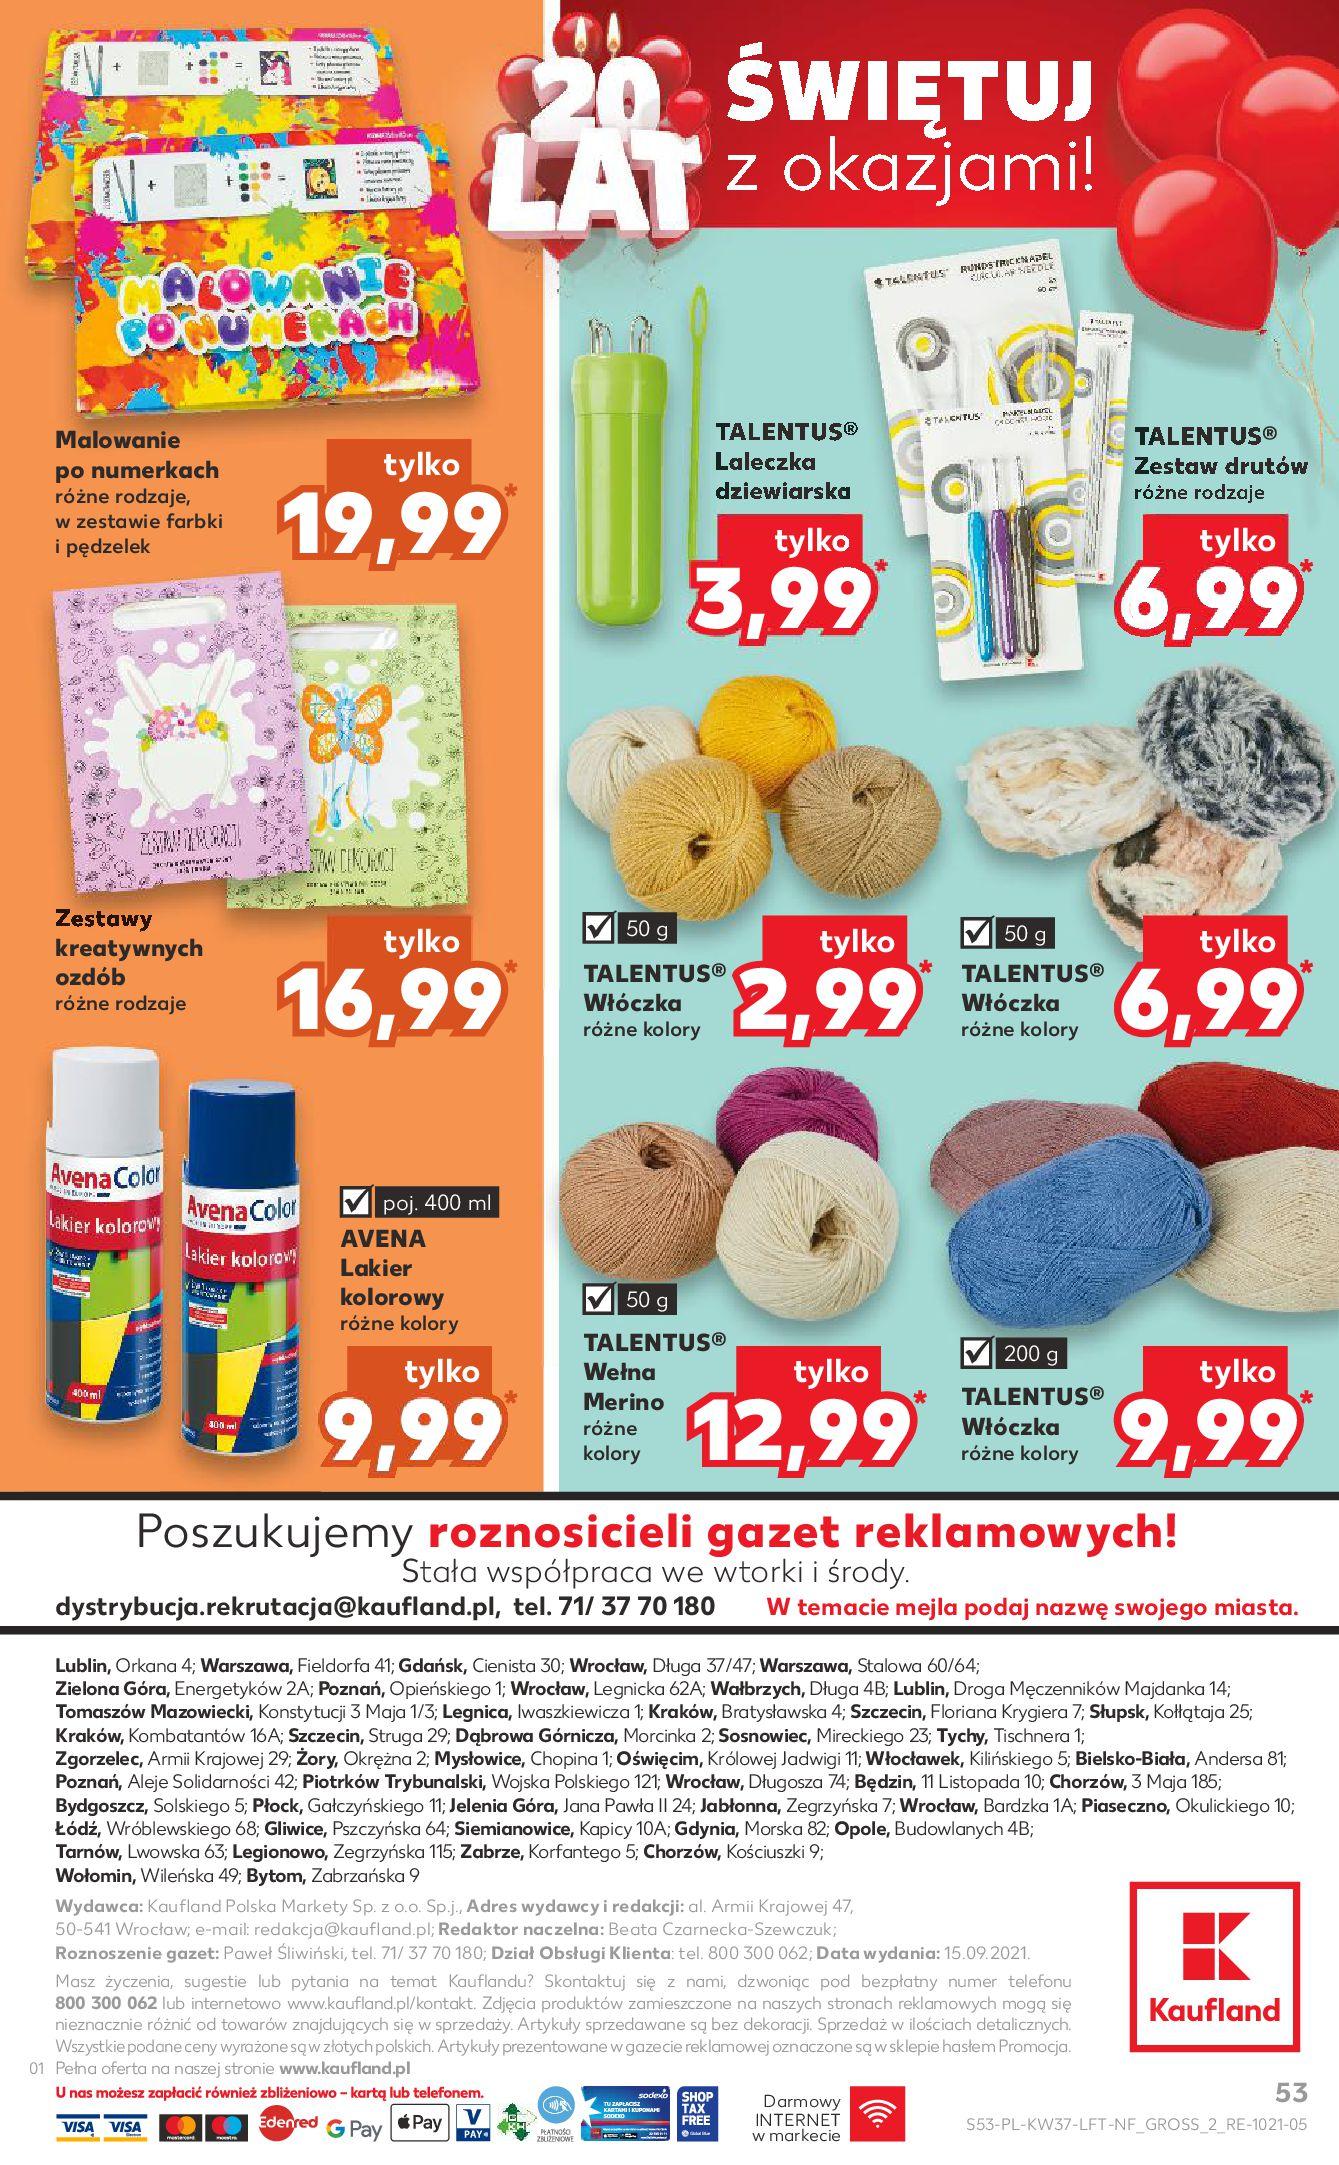 Gazetka Kaufland: Gazetka Kaufland - urodziny 20 lat 2021-09-16 page-53